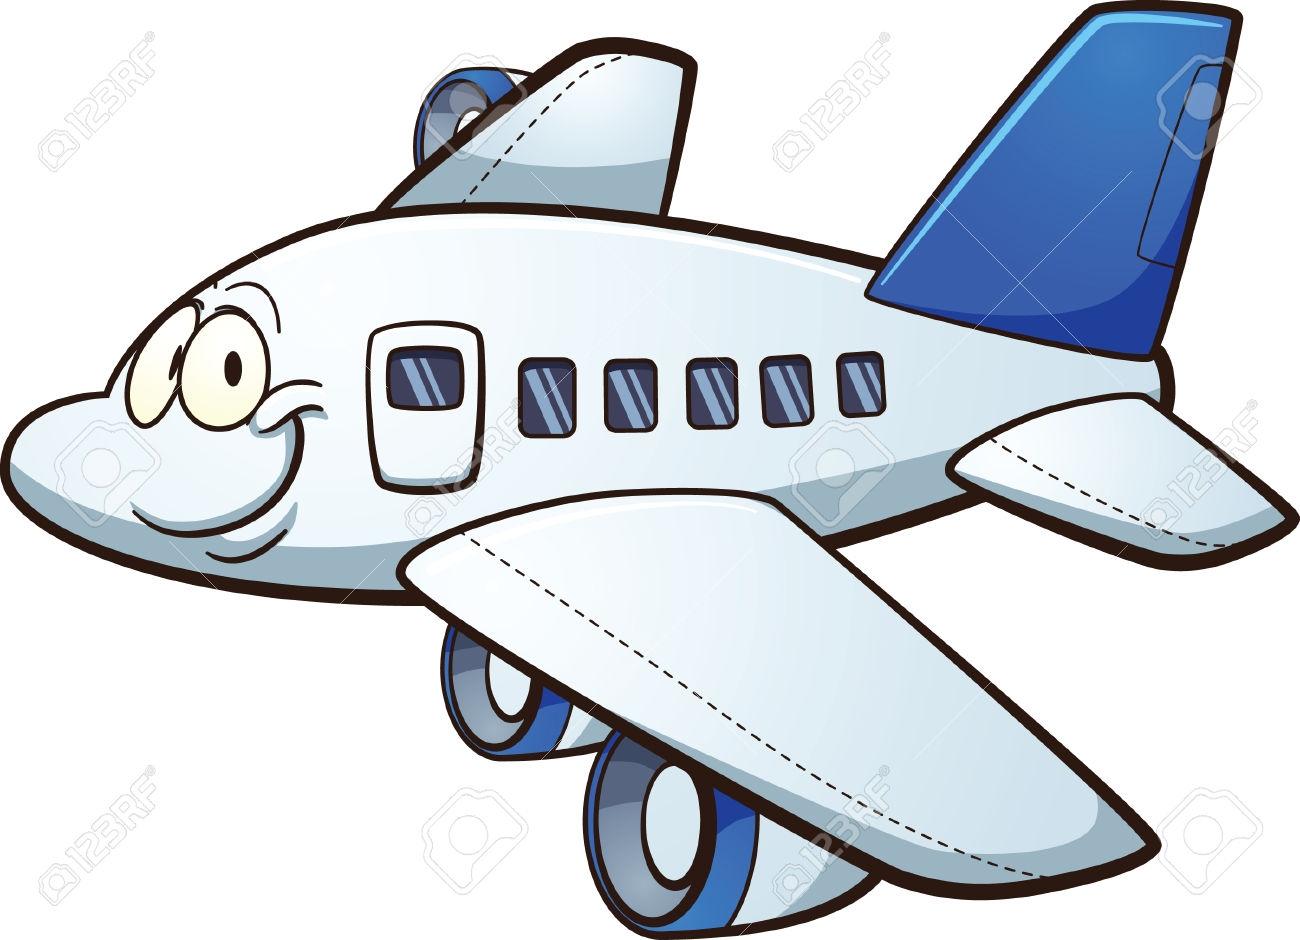 1300x940 Clip Art Cartoon Airplane Clip Art